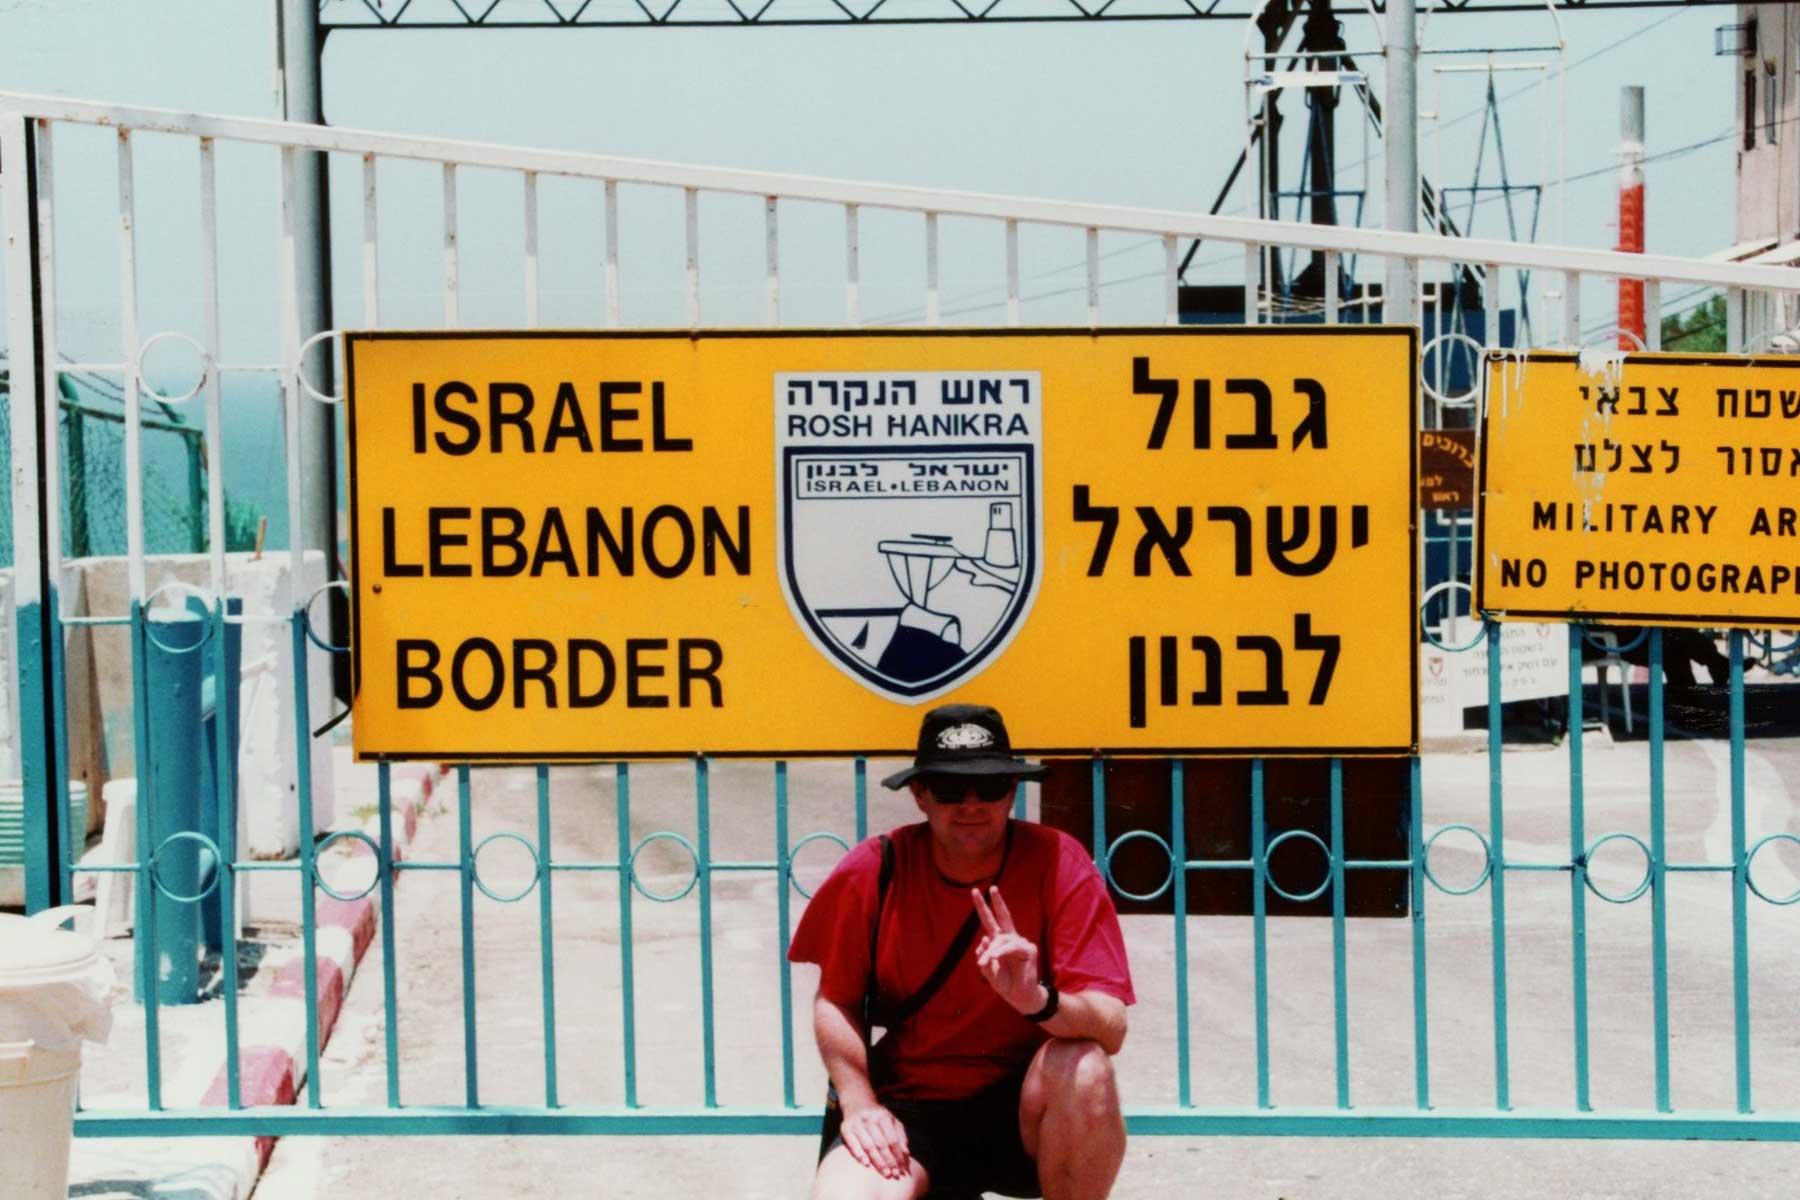 Israel Lebanon Border   Rosh Hanikra   Dr Steven A Martin   International Education Online   Steven Andrew Martin